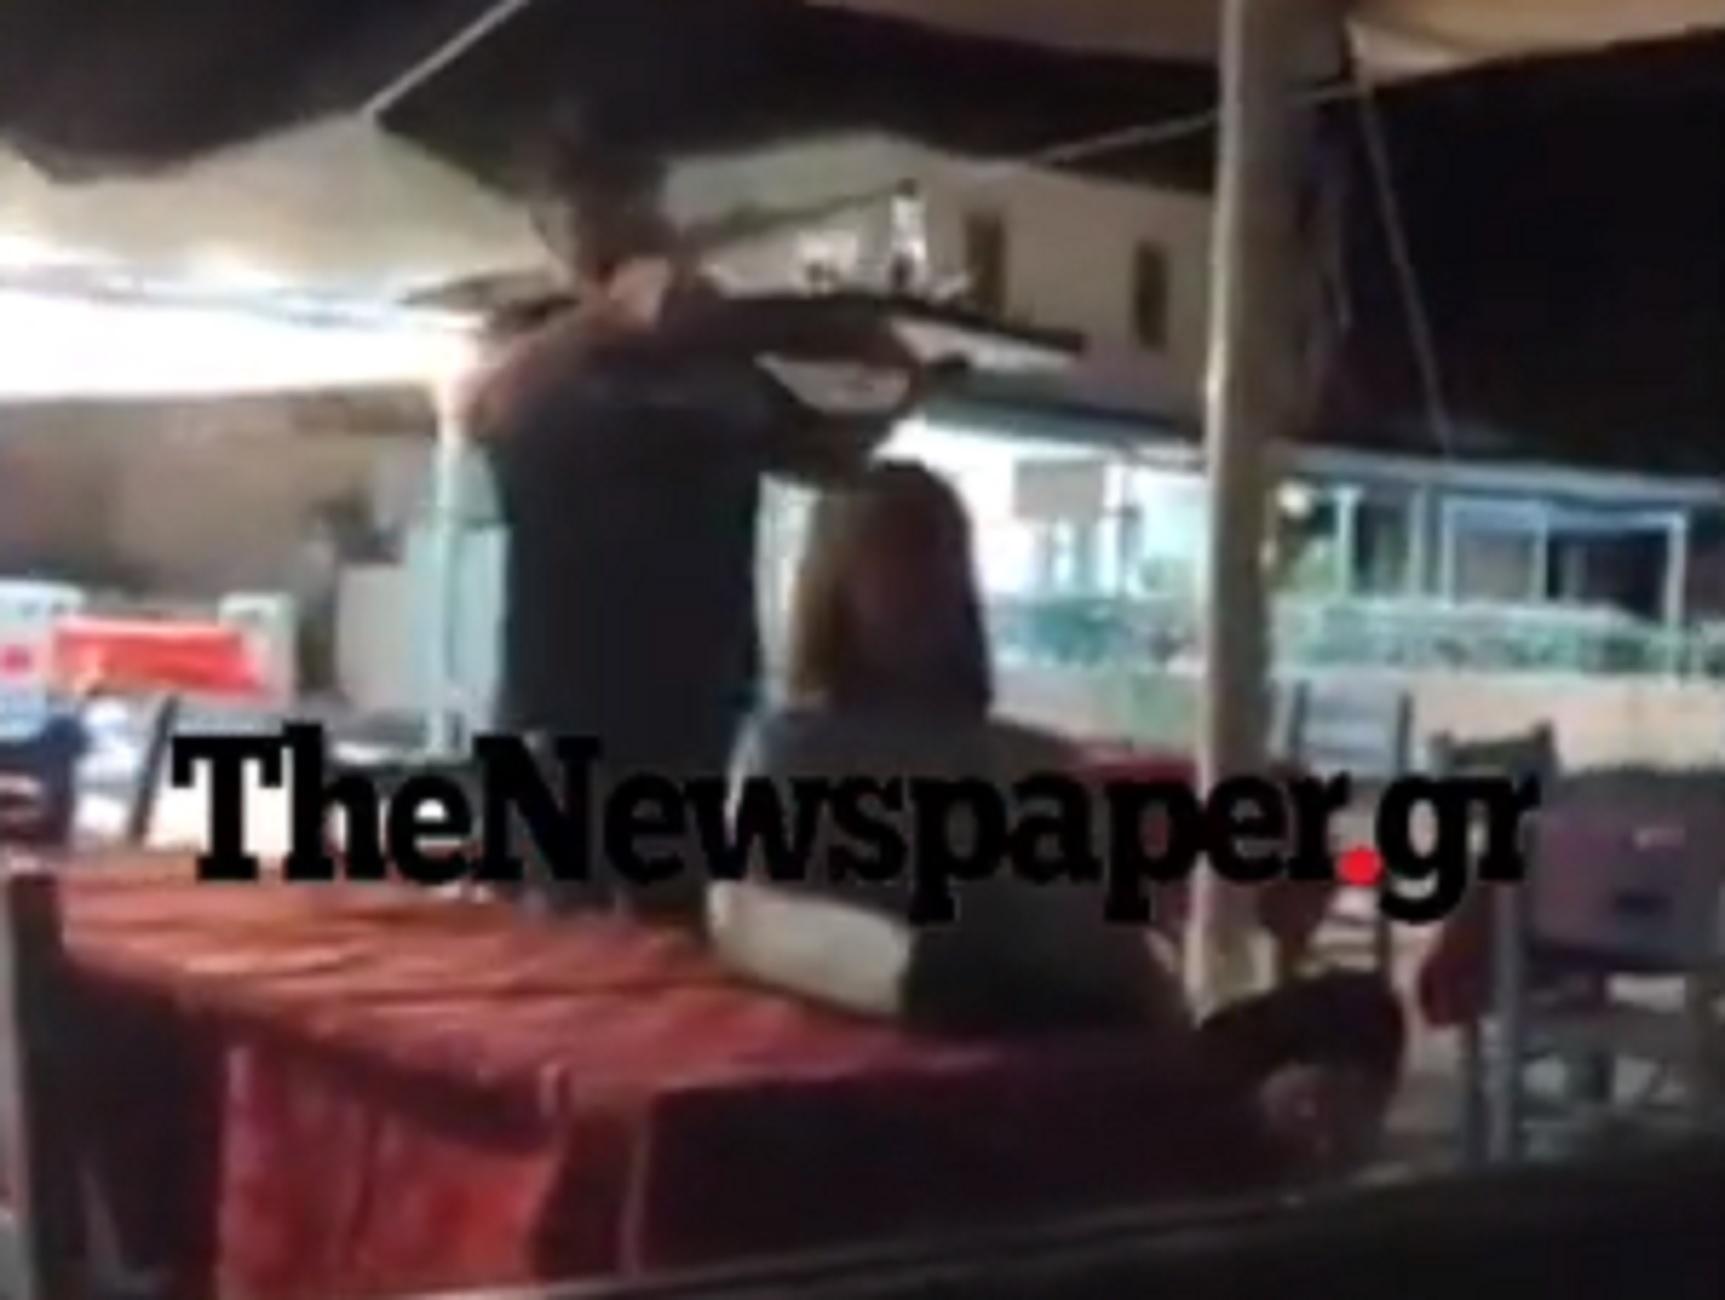 Βόλος: Το πρώτο σερβίρισμα μετά από έξι μήνες – Οι εικόνες που προκαλούν συζητήσεις (video)